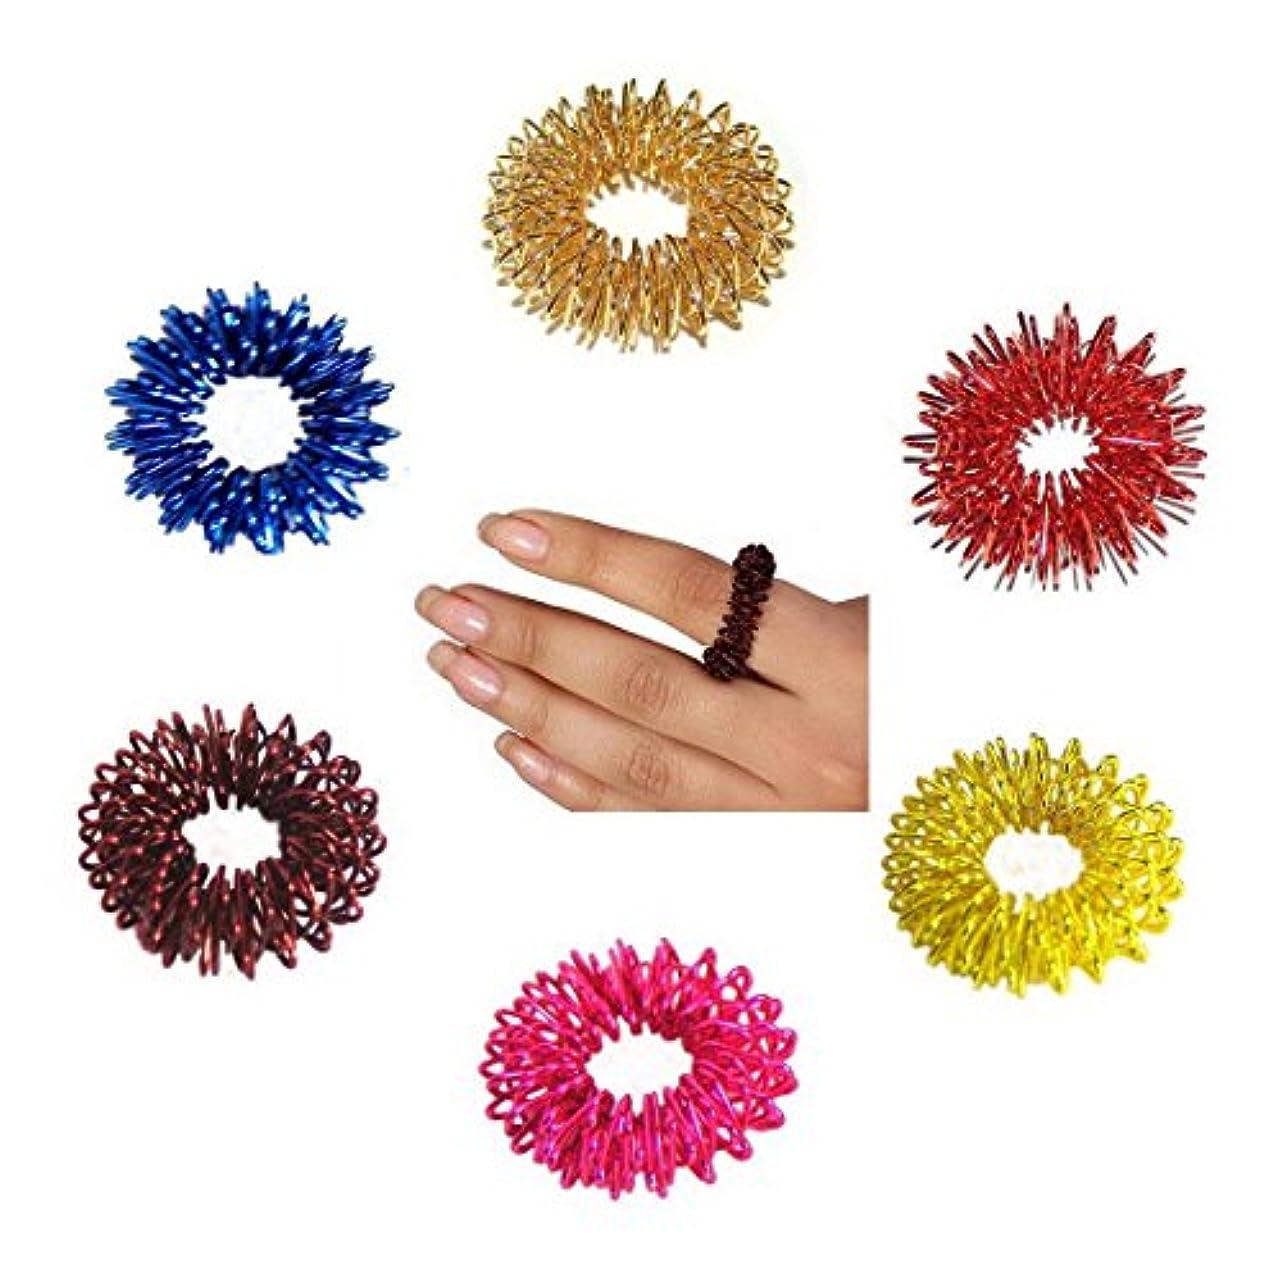 超高層ビル飢饉理容師Buycrafty 10 Pcs Acupressure Rings Massage Ring Massager relaxology, BEST High Density Deep Tissue Acupressure